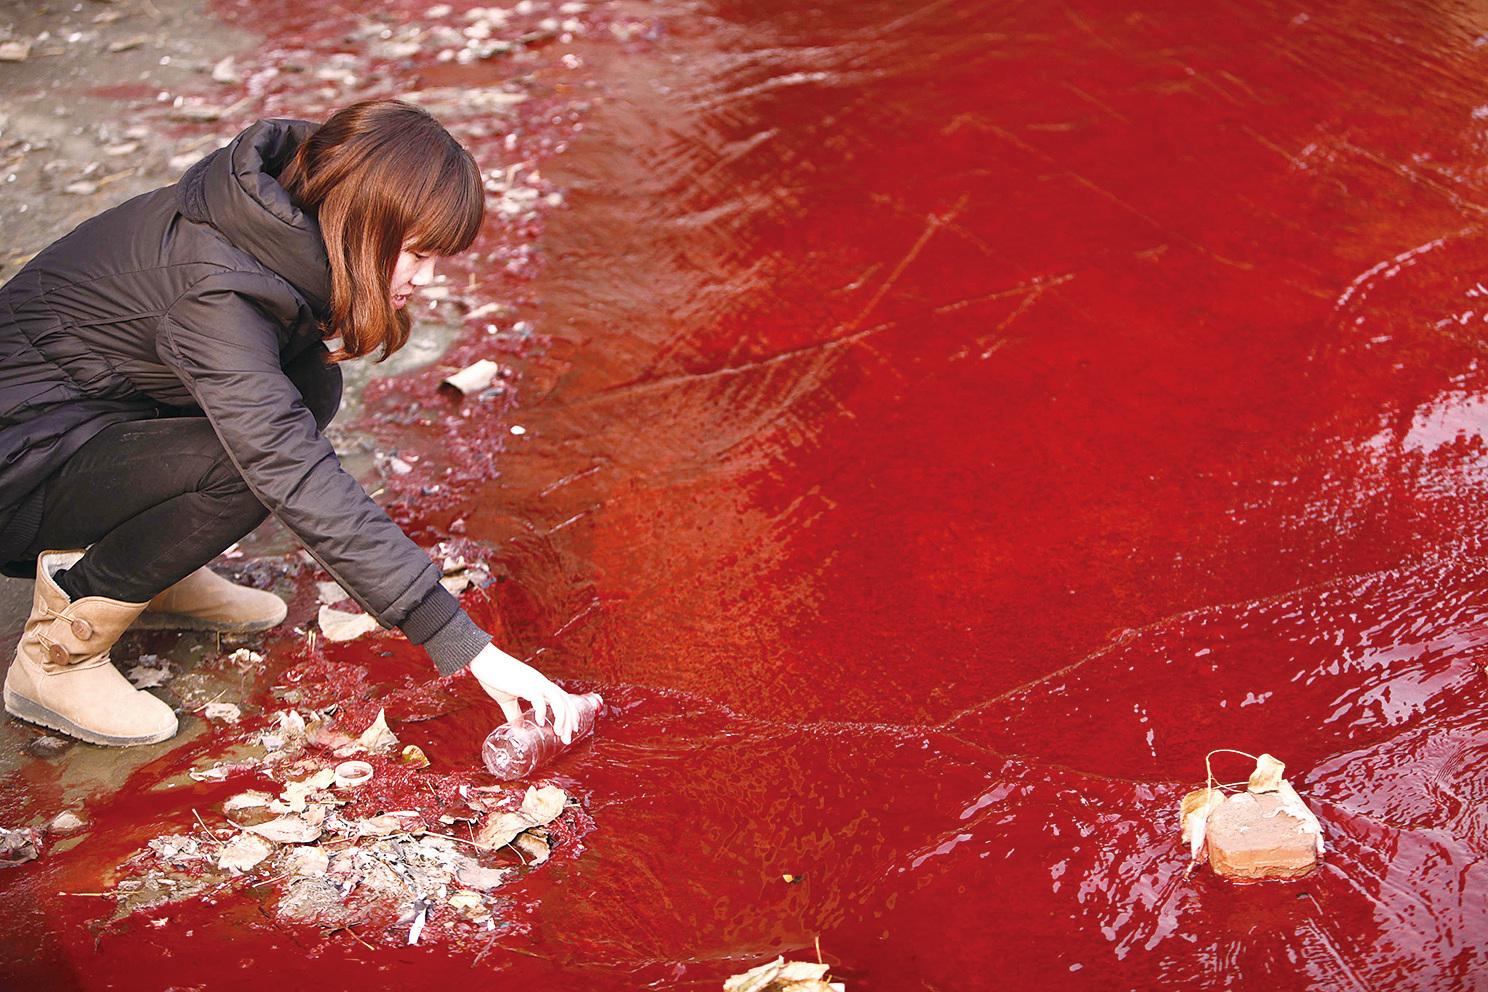 生態的破壞是造成人類毀滅的一種可能。圖為被污染成紅色的洛陽澗河。(Getty Images)